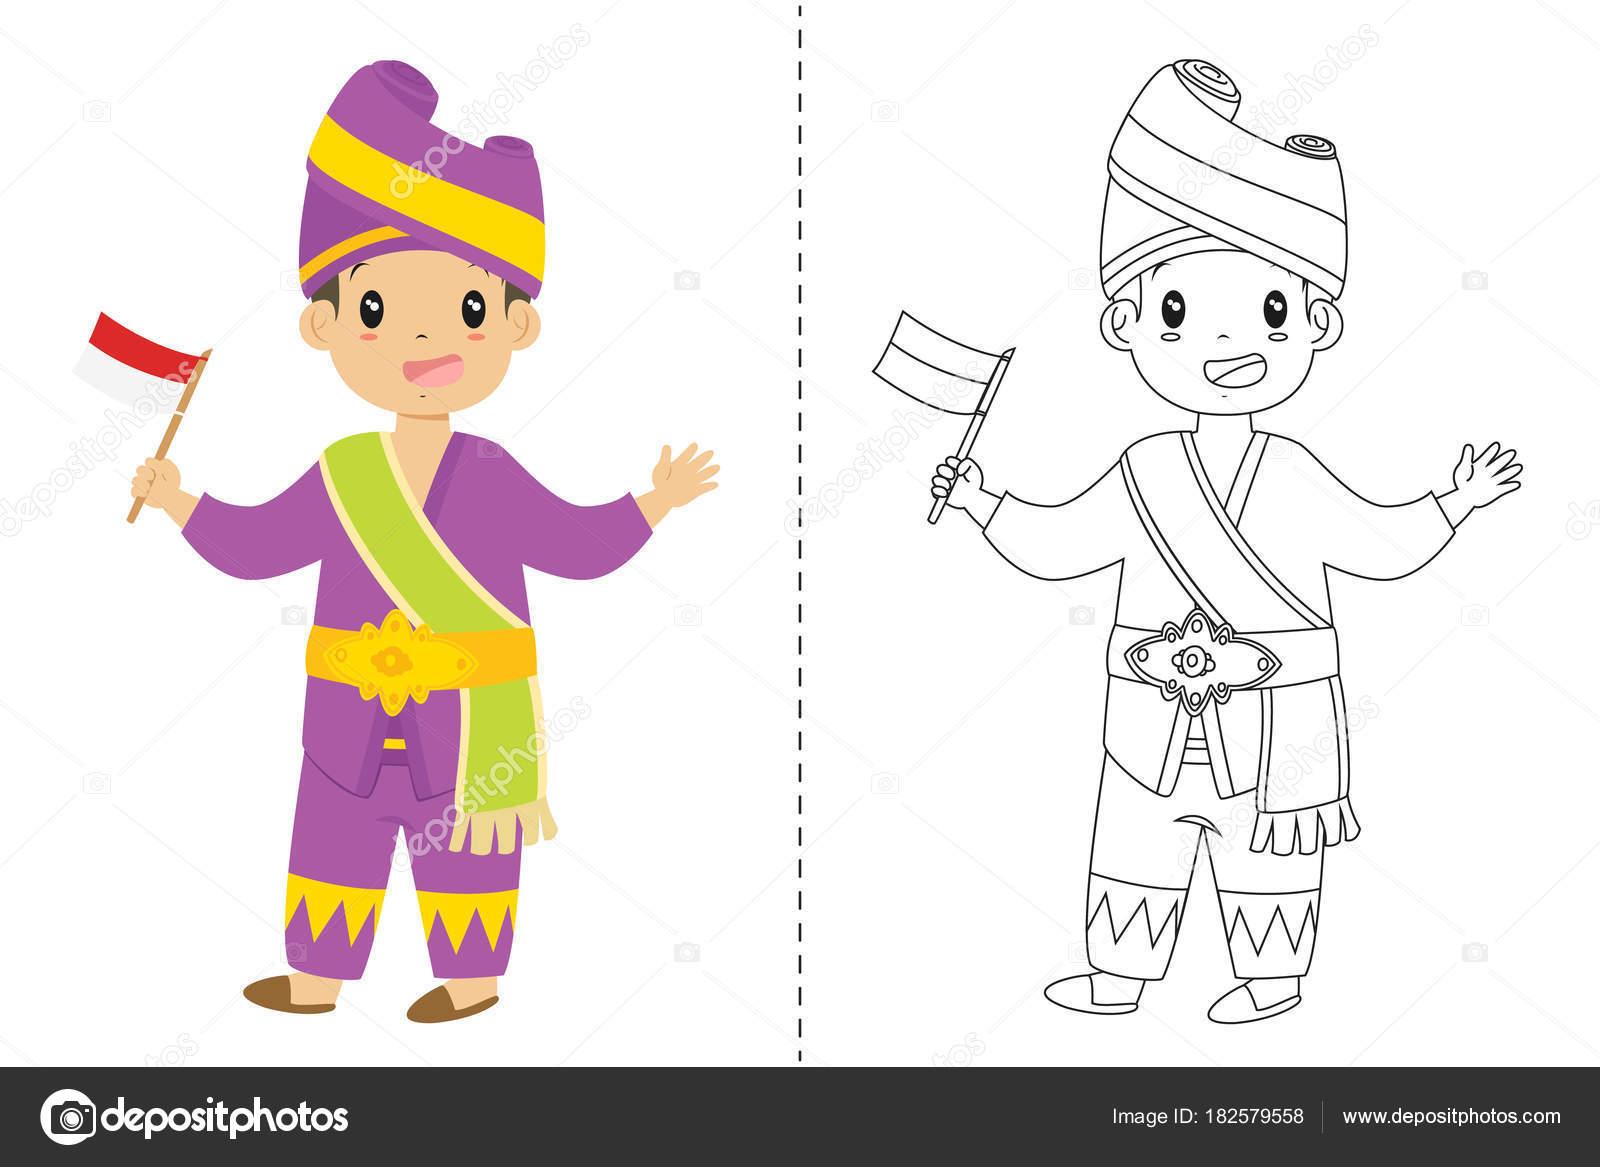 Padang Geleneksel Kıyafet Giyen Endonezya Bir Bayrak Tutan Endonezya